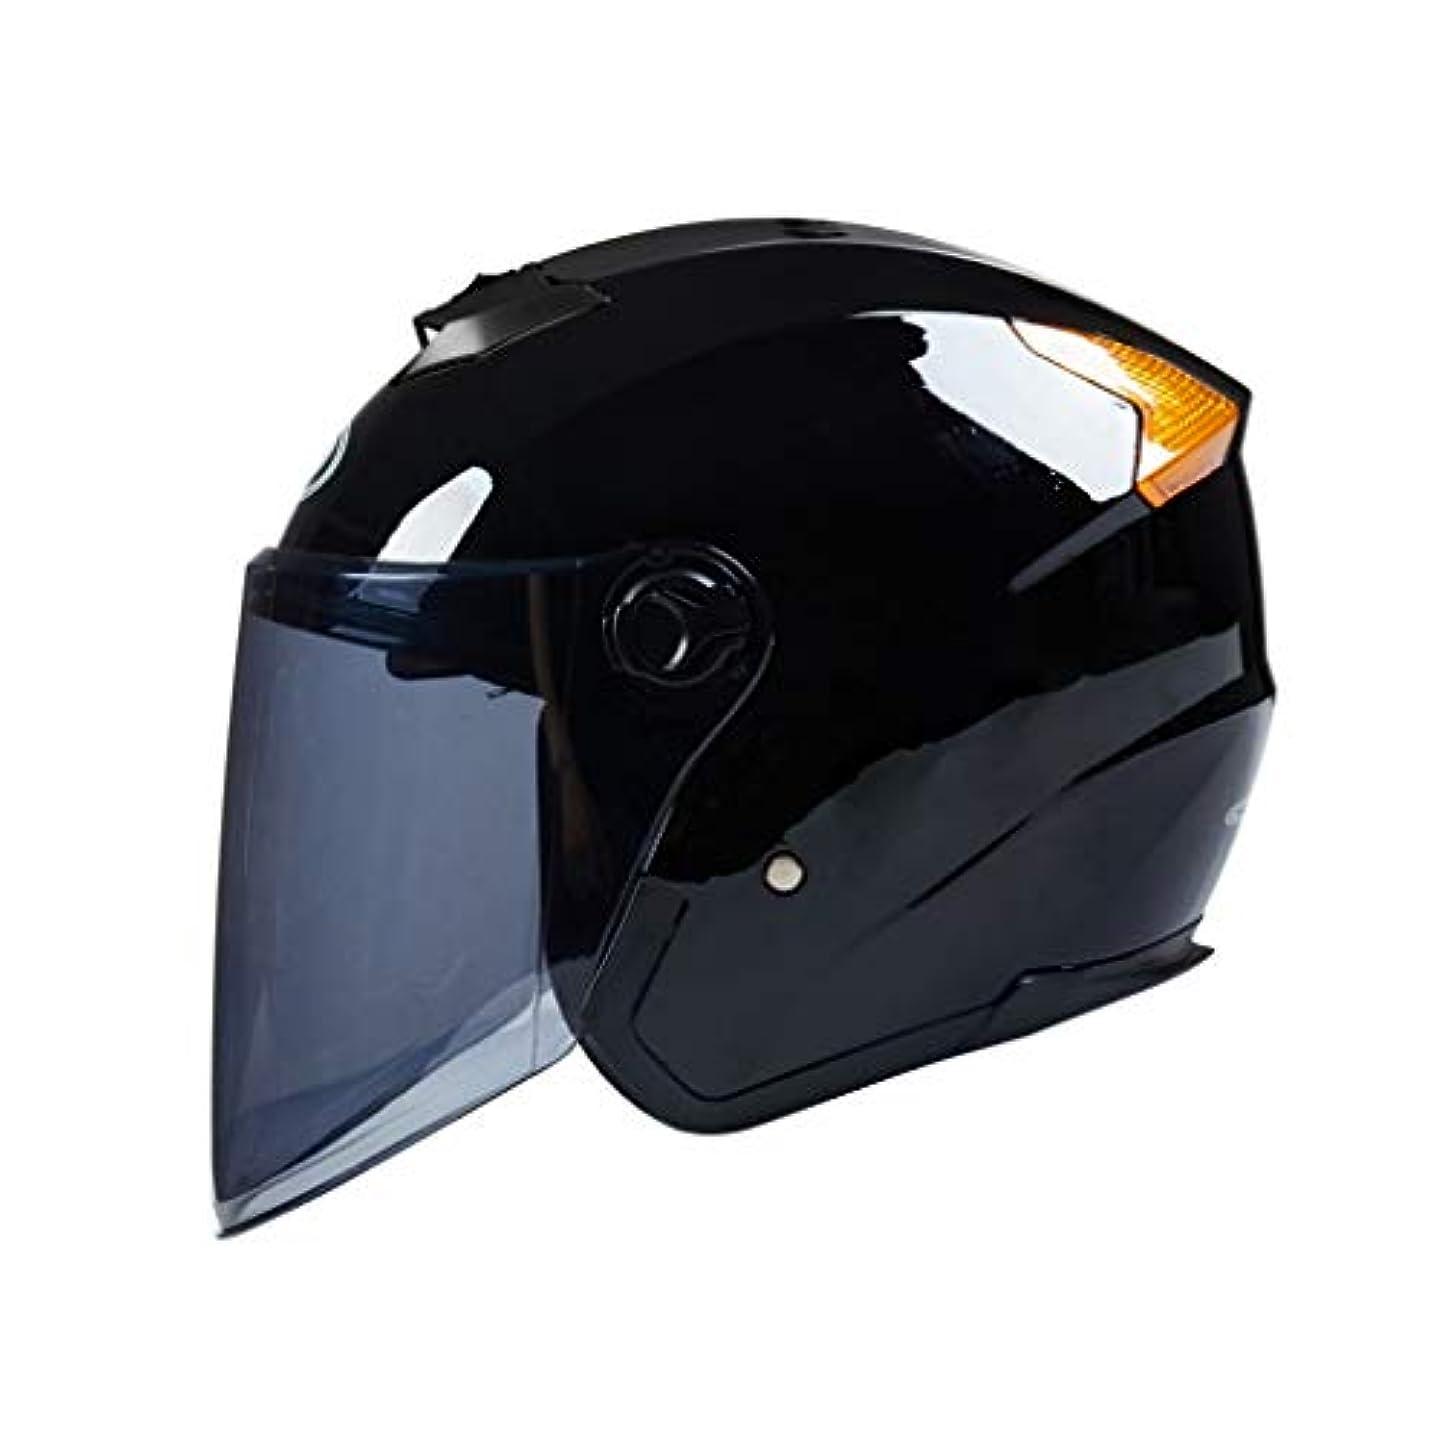 描く家畜ゴミ電動オートバイヘルメット男性と女性のバッテリー車の保護ヘルメット四季ポータブルヘルメット保温防曇安全帽,Black